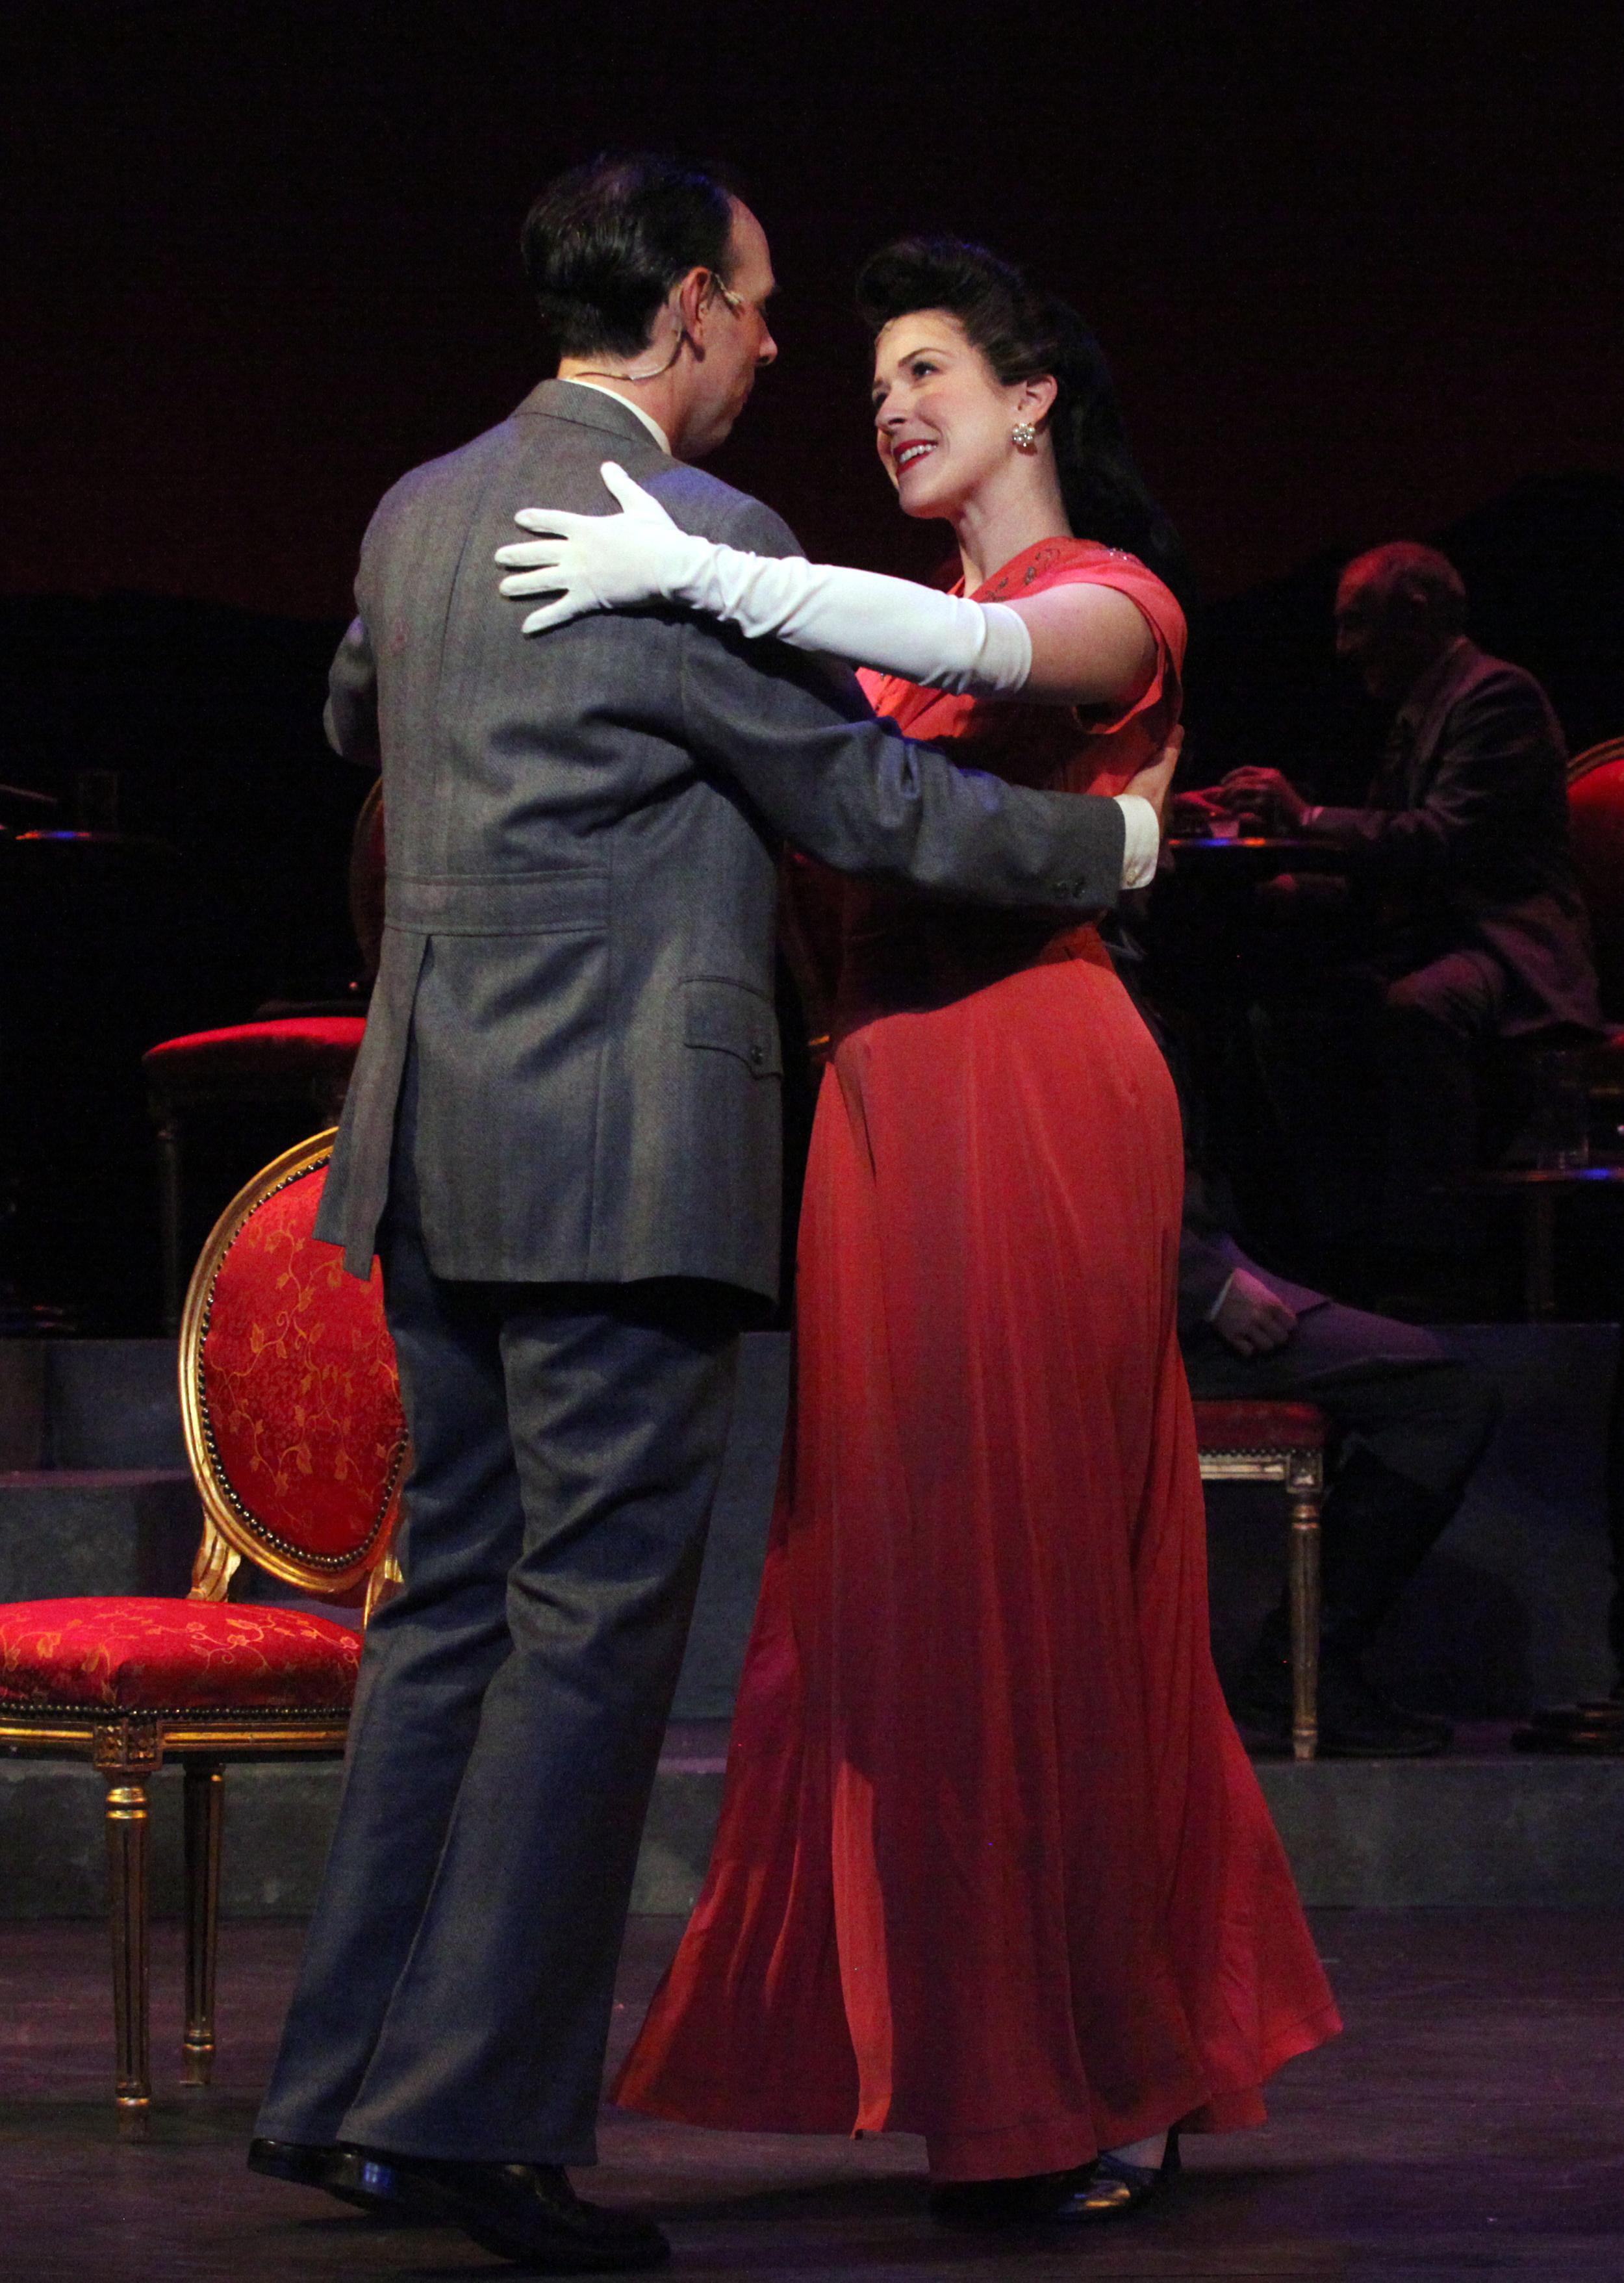 Scott Mikita & Leah Horowitz dancing 3.jpg